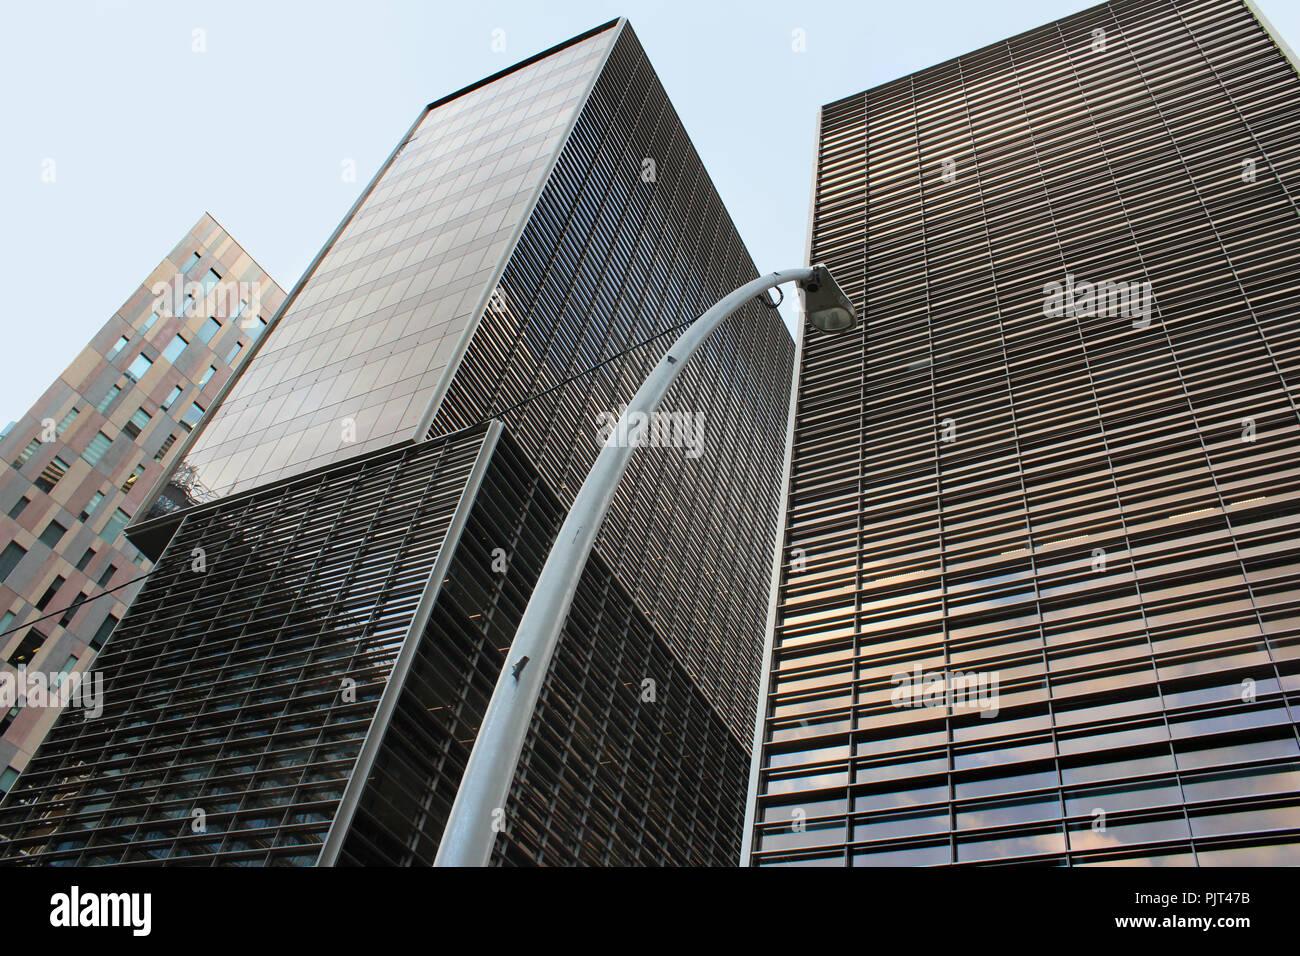 Détail de bâtiments dans le quartier de Poblenou, Barcelone, Catalogne, Espagne. Banque D'Images